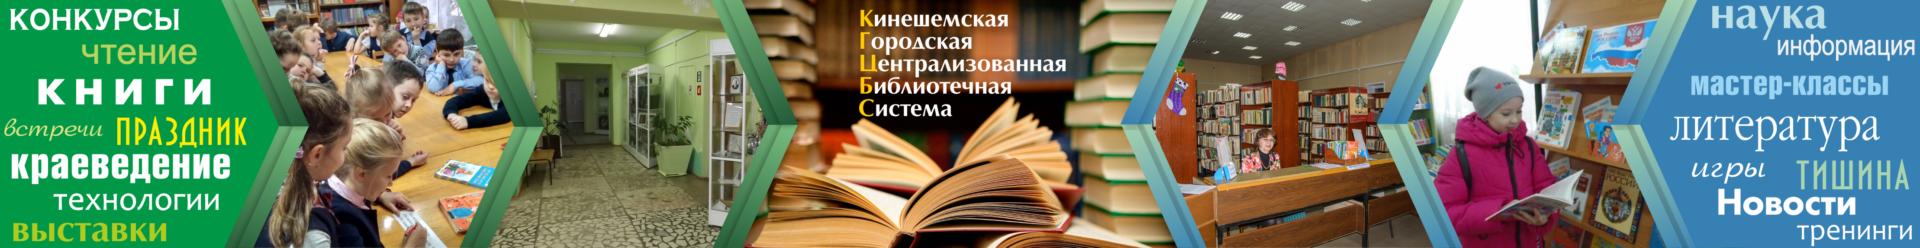 Кинешемская городская центральная библиотека имени В.А. Пазухина